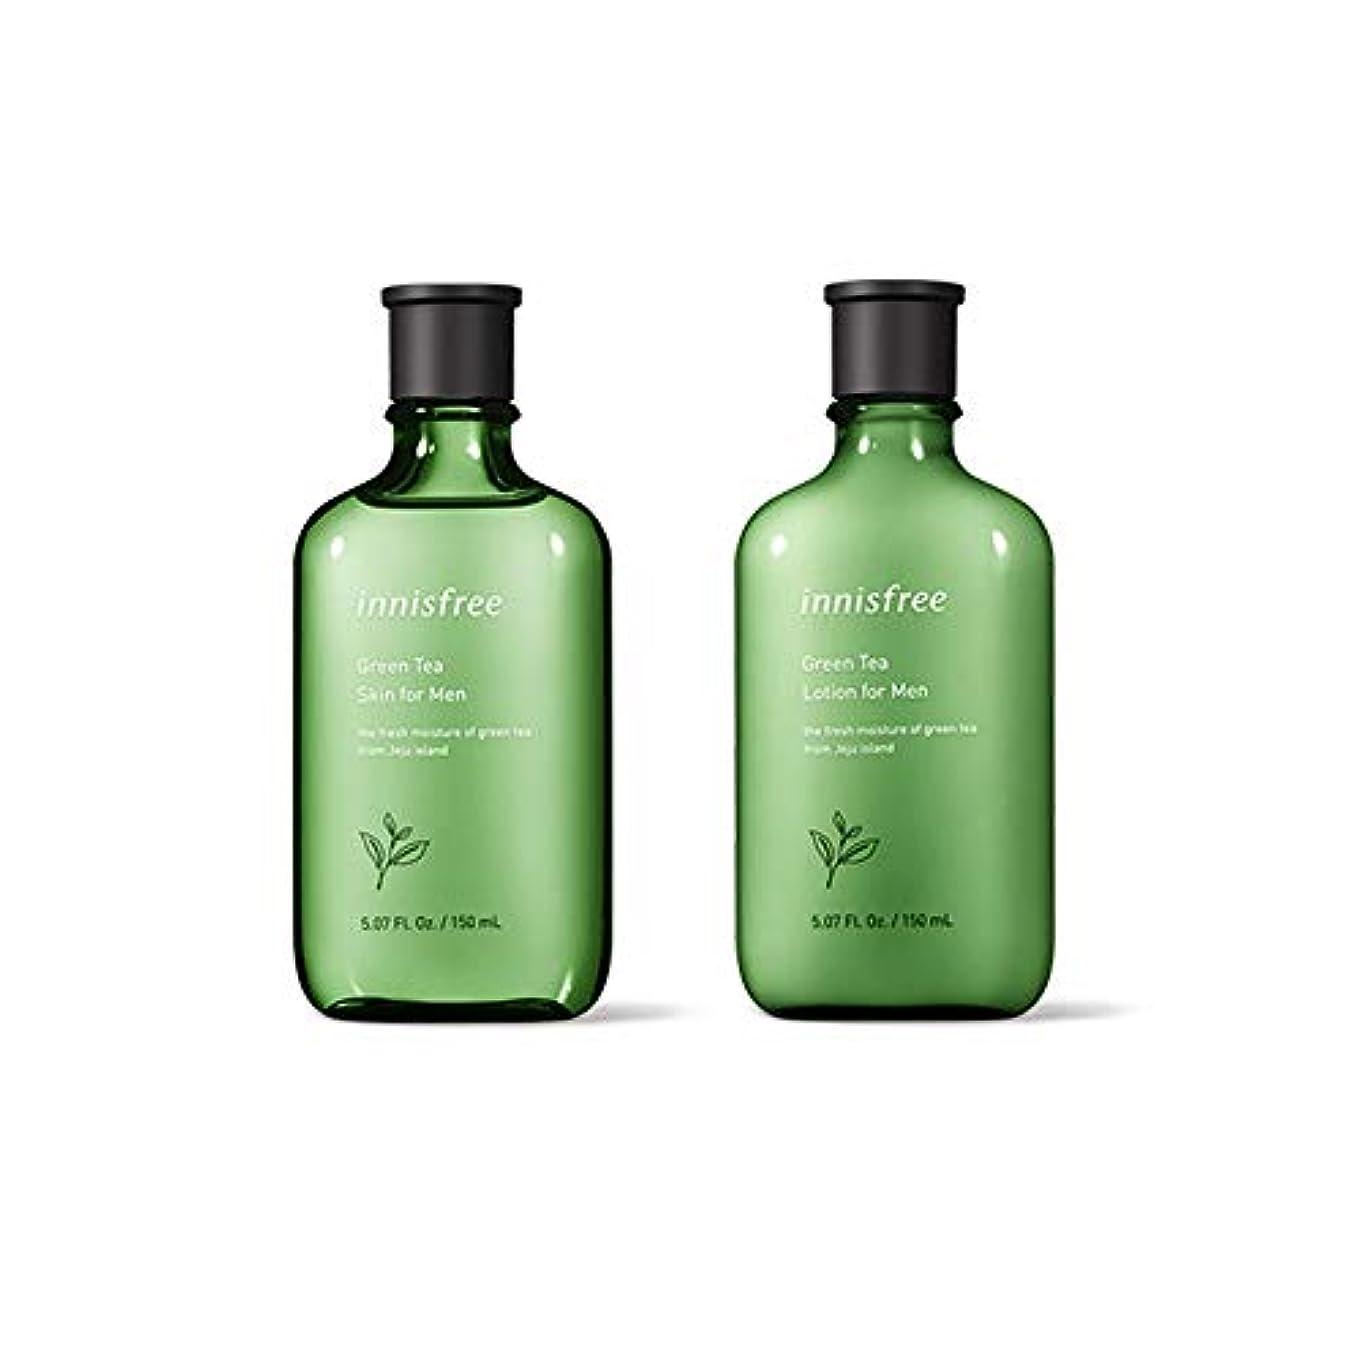 ランダム差別するチャンバーイニスフリー Innisfree グリーンティースキン & ローションセットフォーメン(150ml+150ml) Innisfree Green Tea Skin & Lotion Set For Men(150ml+150ml...